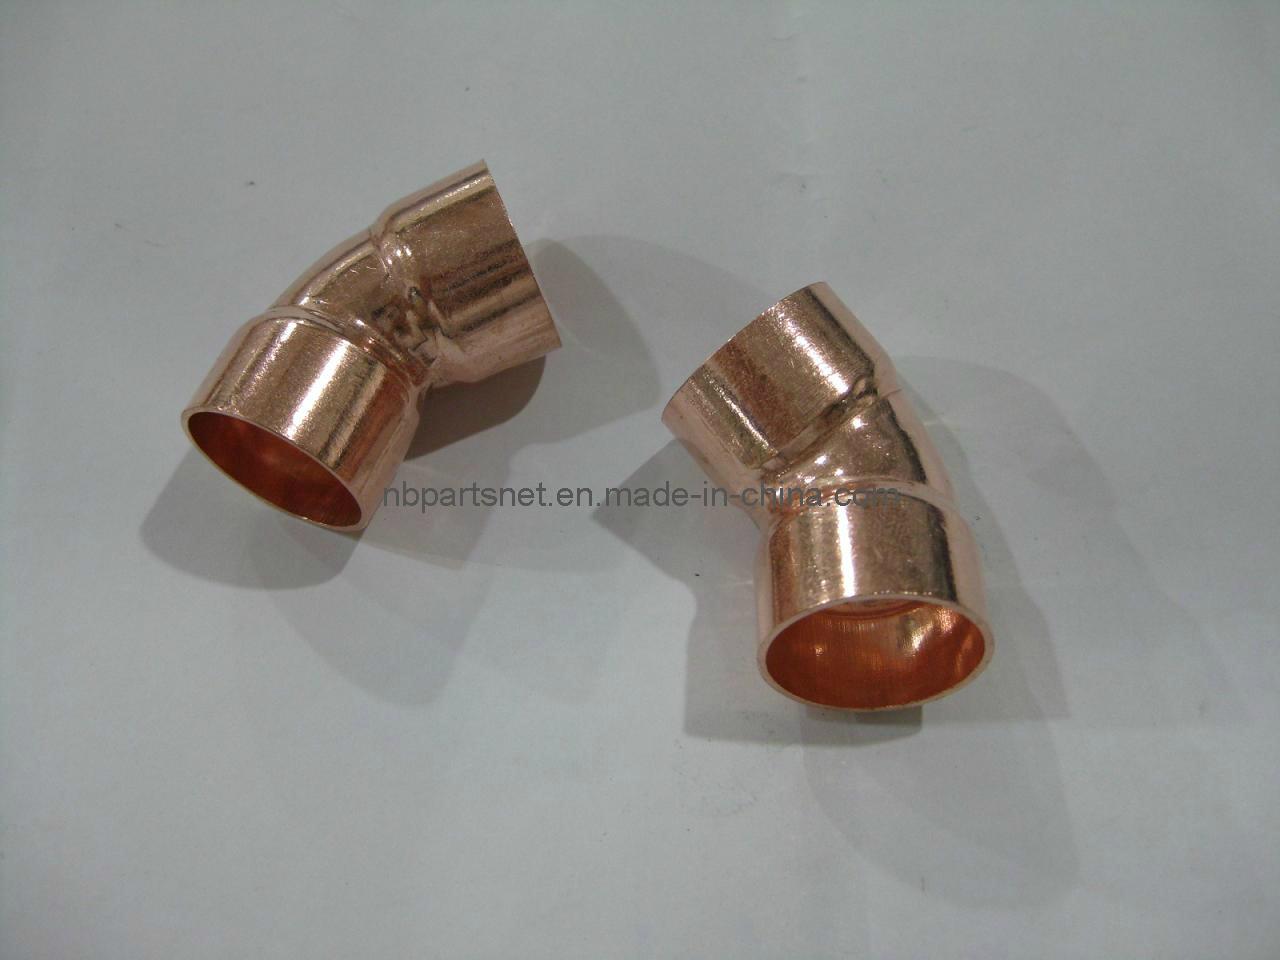 C x c un gomito da 45 gradi accessorio per tubi di rame for Tipi di tubi di rame